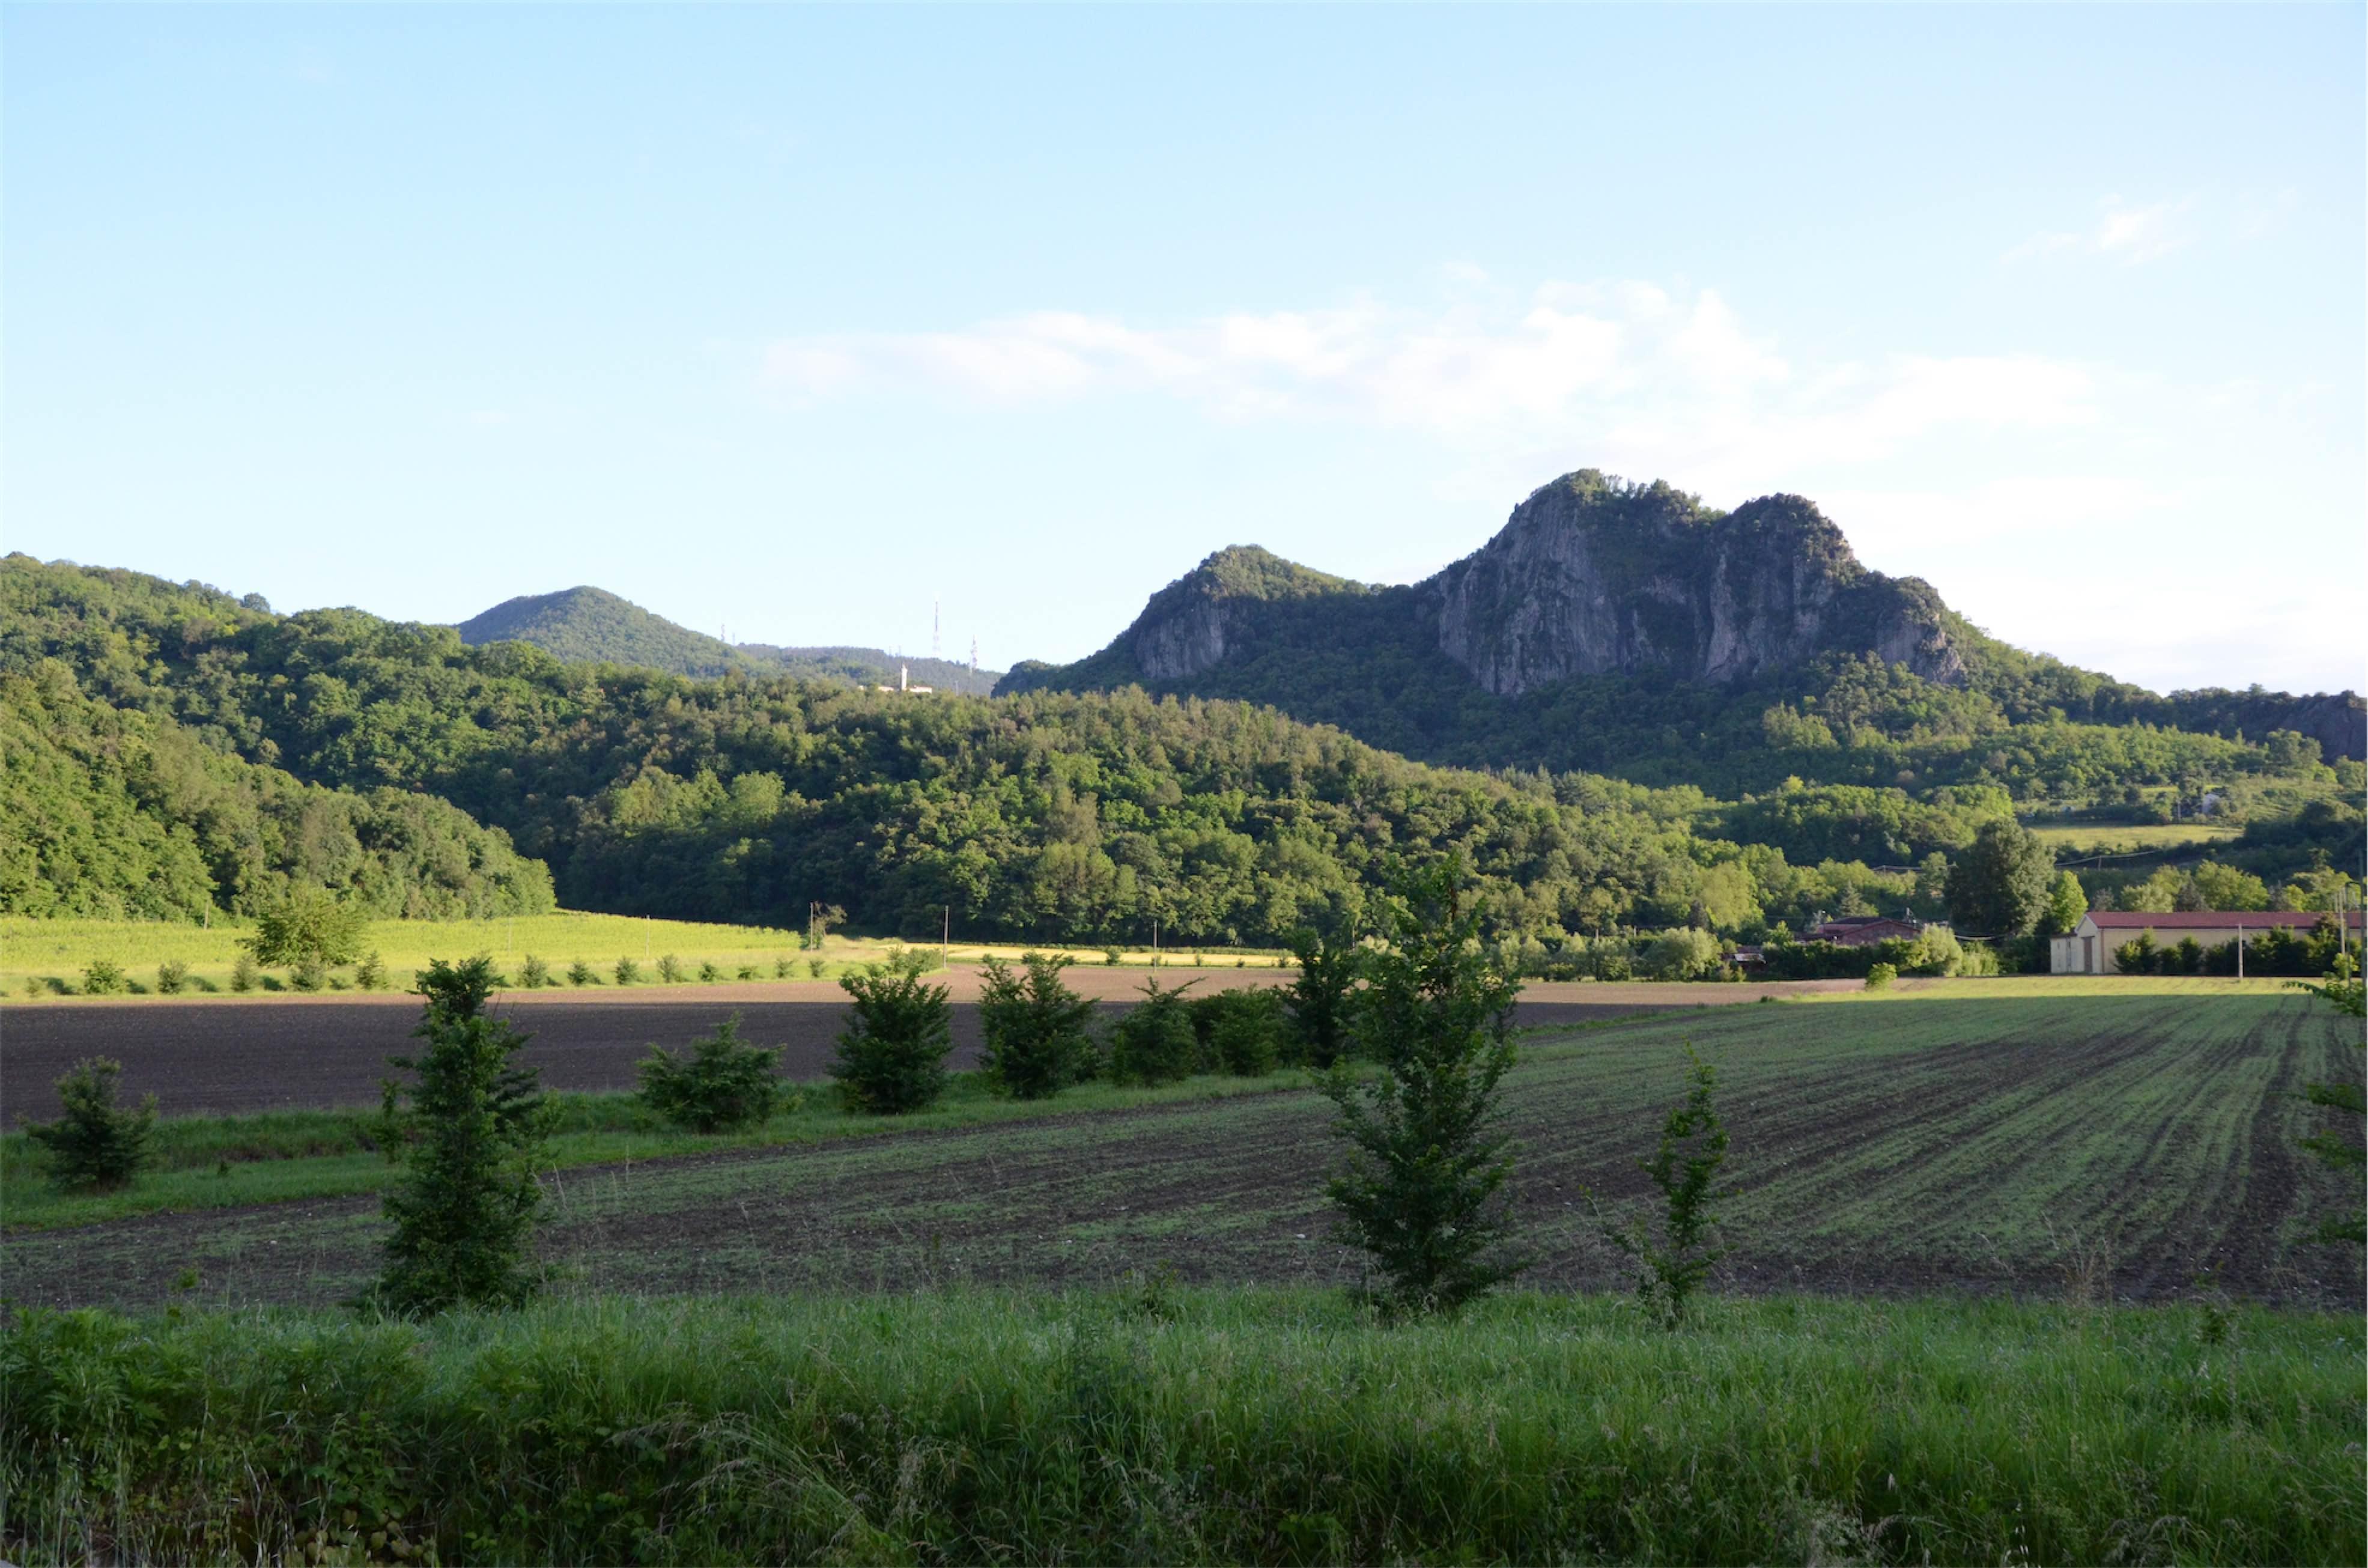 Krajobraz Colli Euganei w regionie Veneto w północnych Włoszech